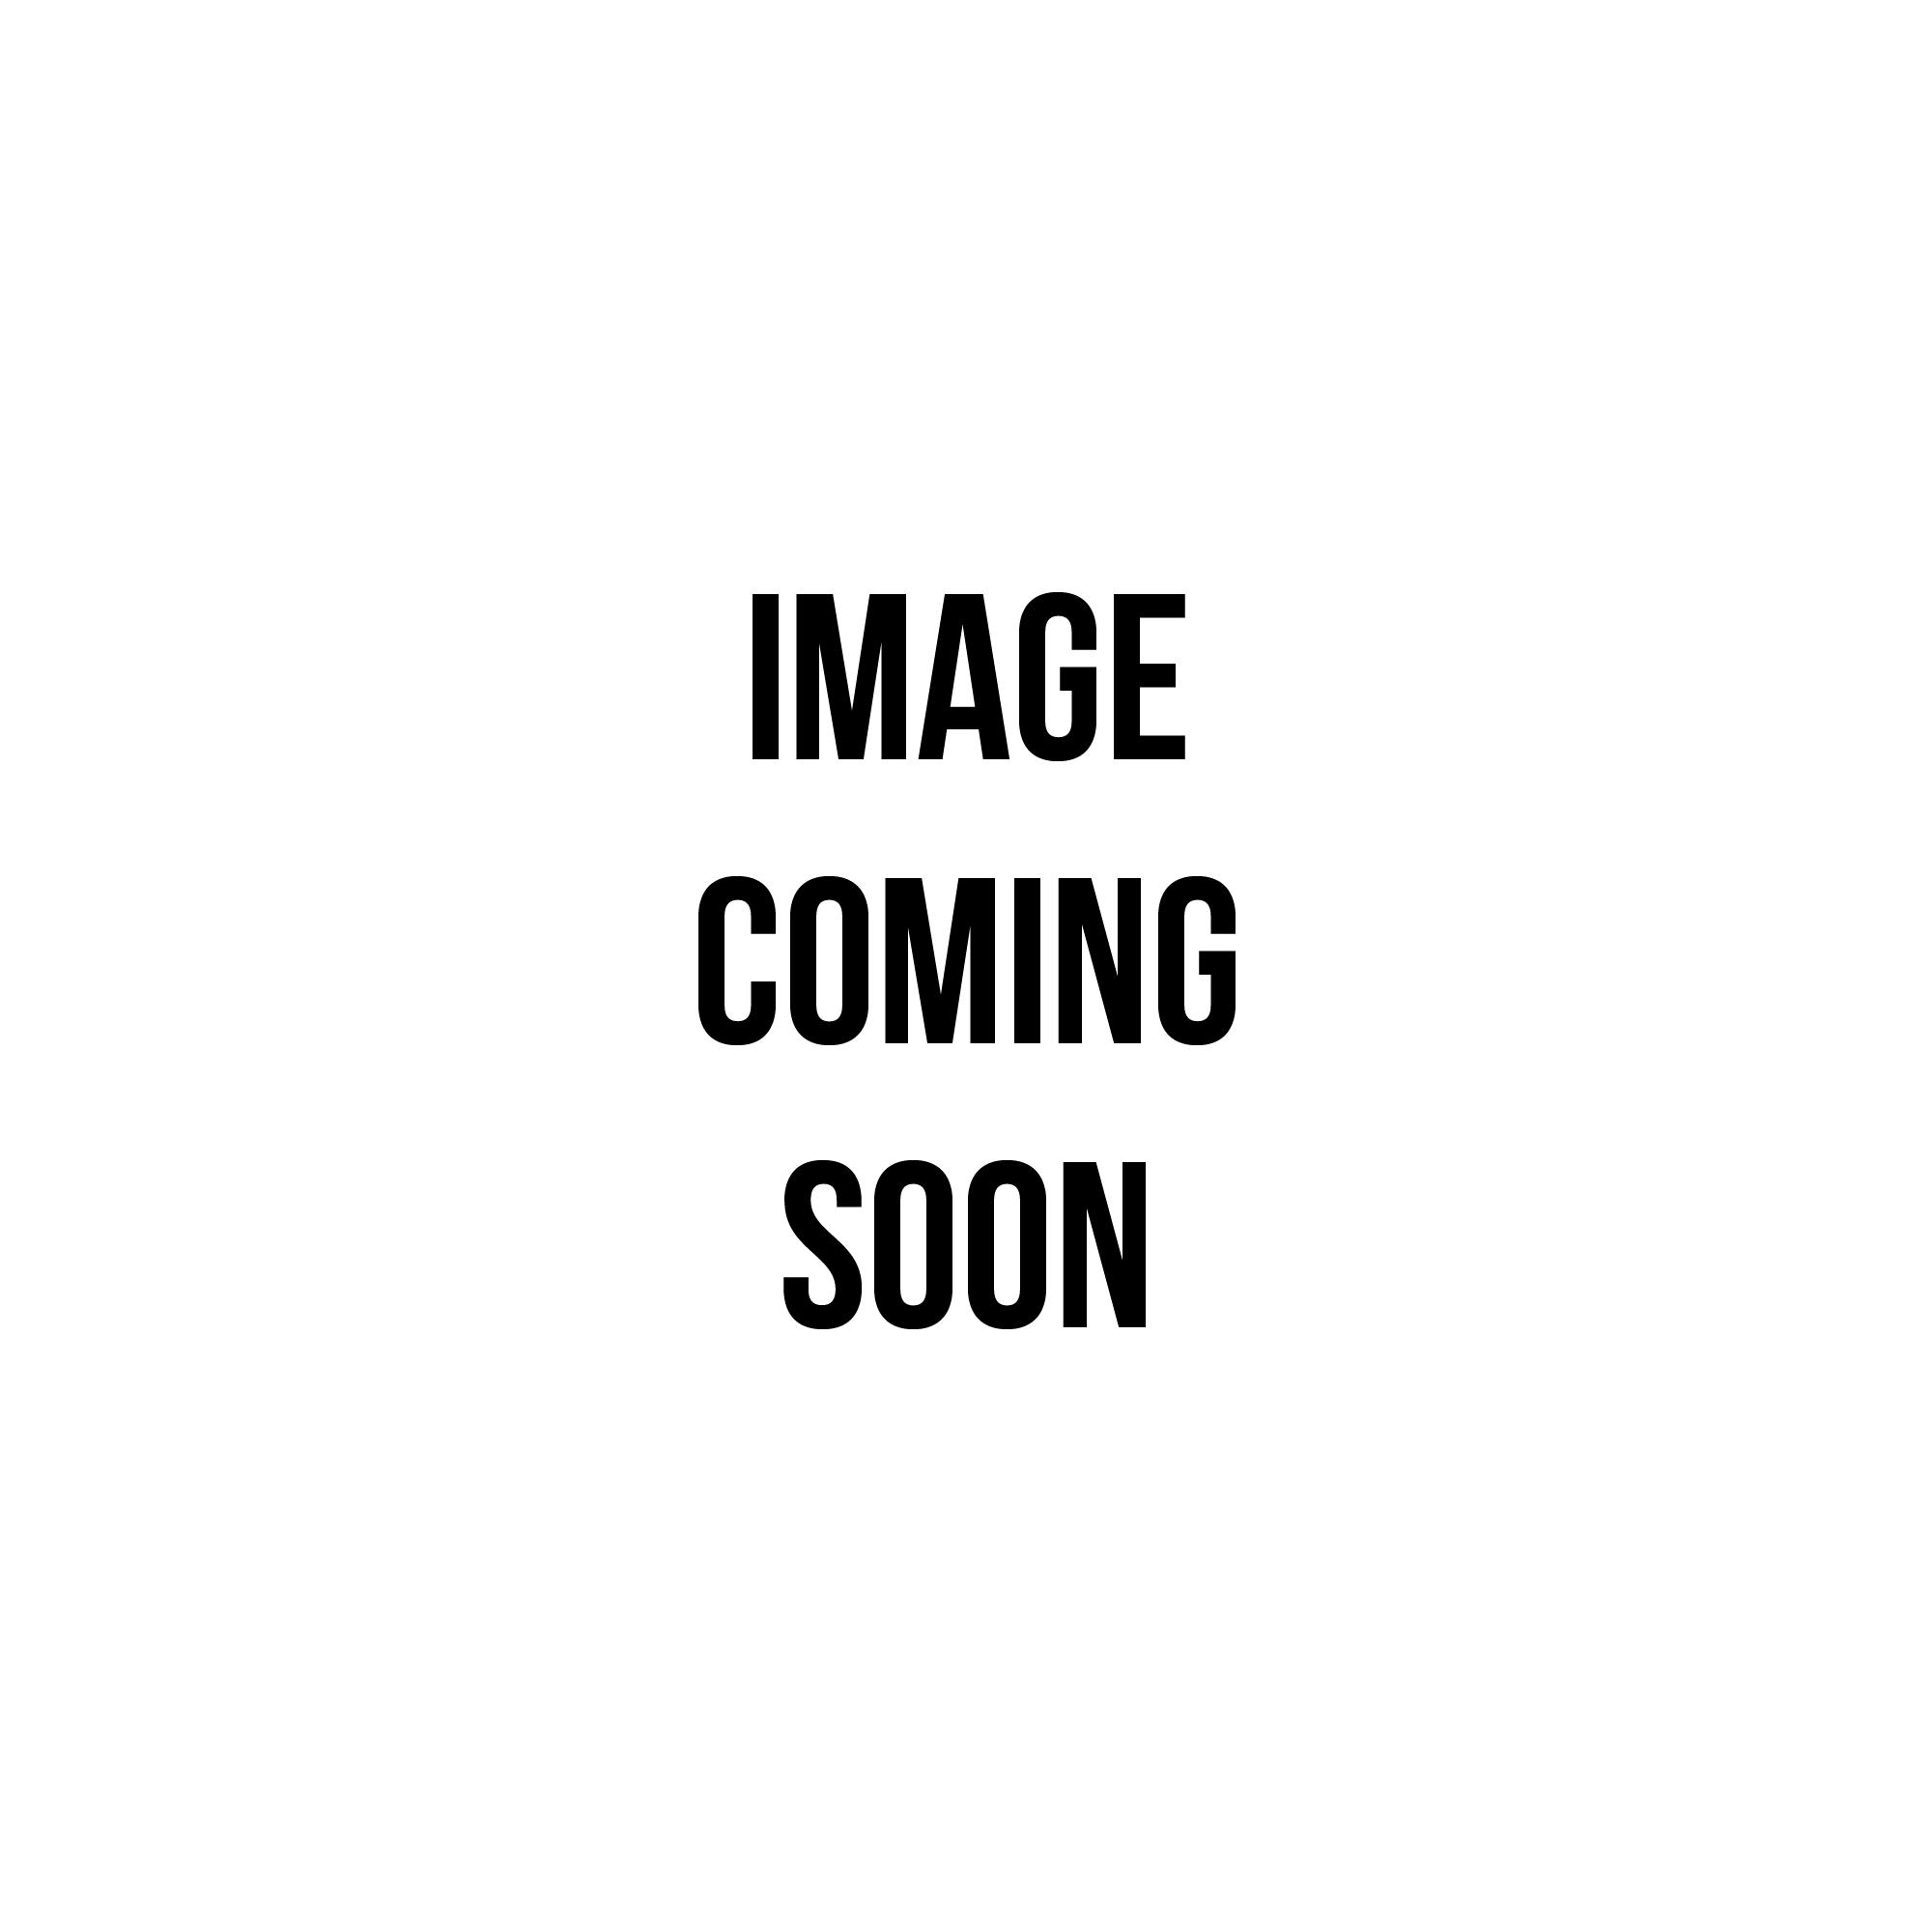 Réduction édition limitée Nike Air Max Tn Chaussures Pour Hommes Blanc Noir 2027651234 meilleure vente à vendre Finishline vente grande remise OHVzMrSa